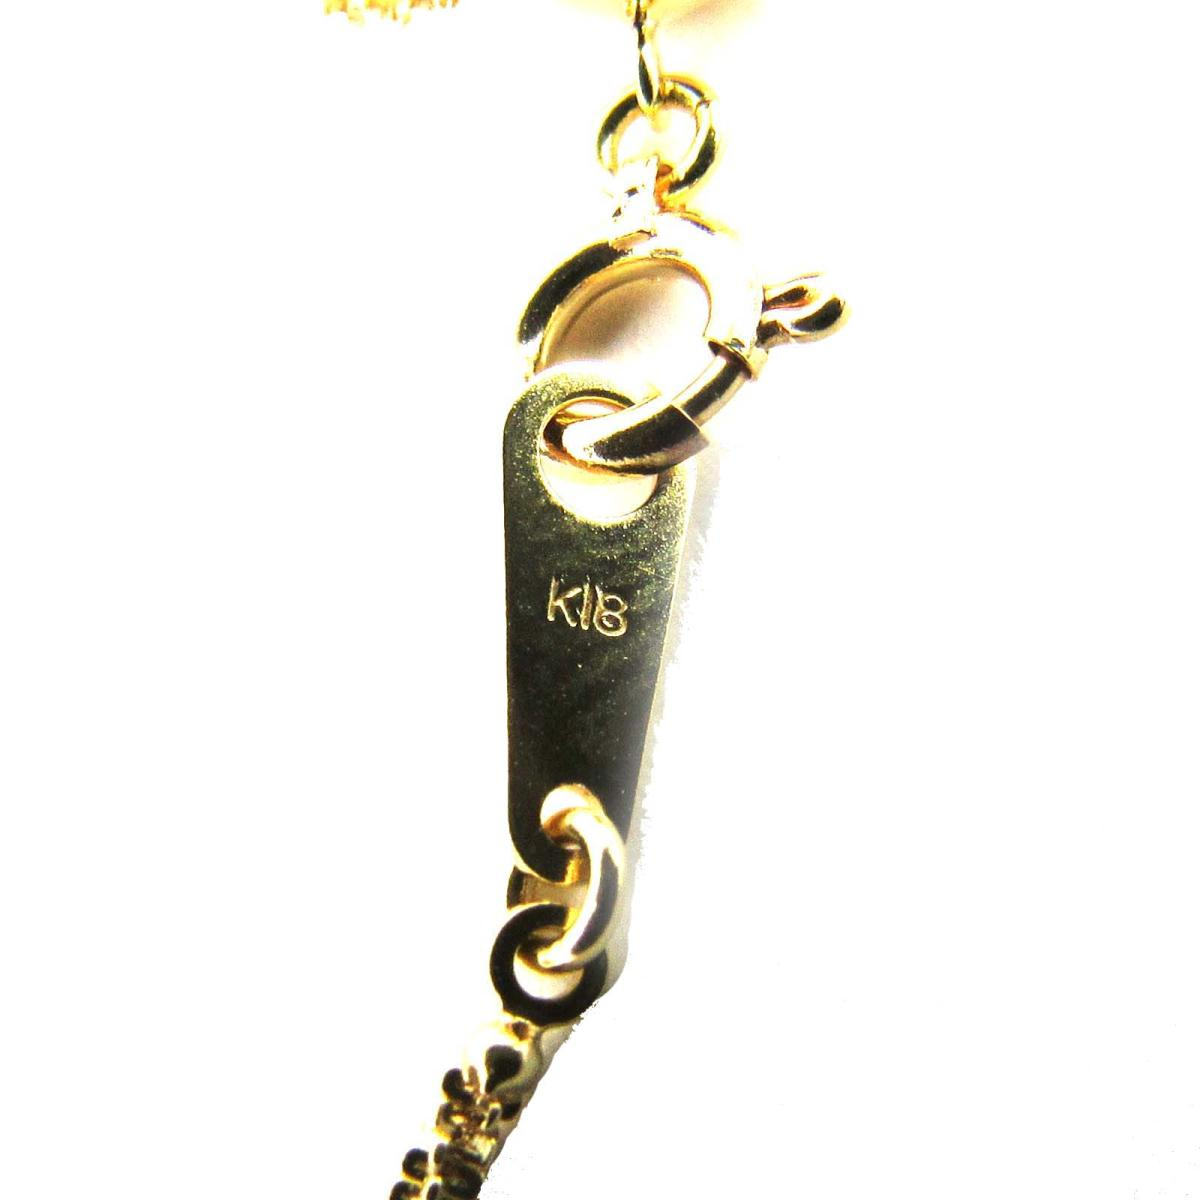 ジュエリー ダイヤモンド ネックレス ノーブランドジュエリー レディース K18YG750イエローゴールド x ダイヤモンド0 02ctJEWELRY BRANDOFF ブランドオフ アクセサリー ペンダントOPkuXZi